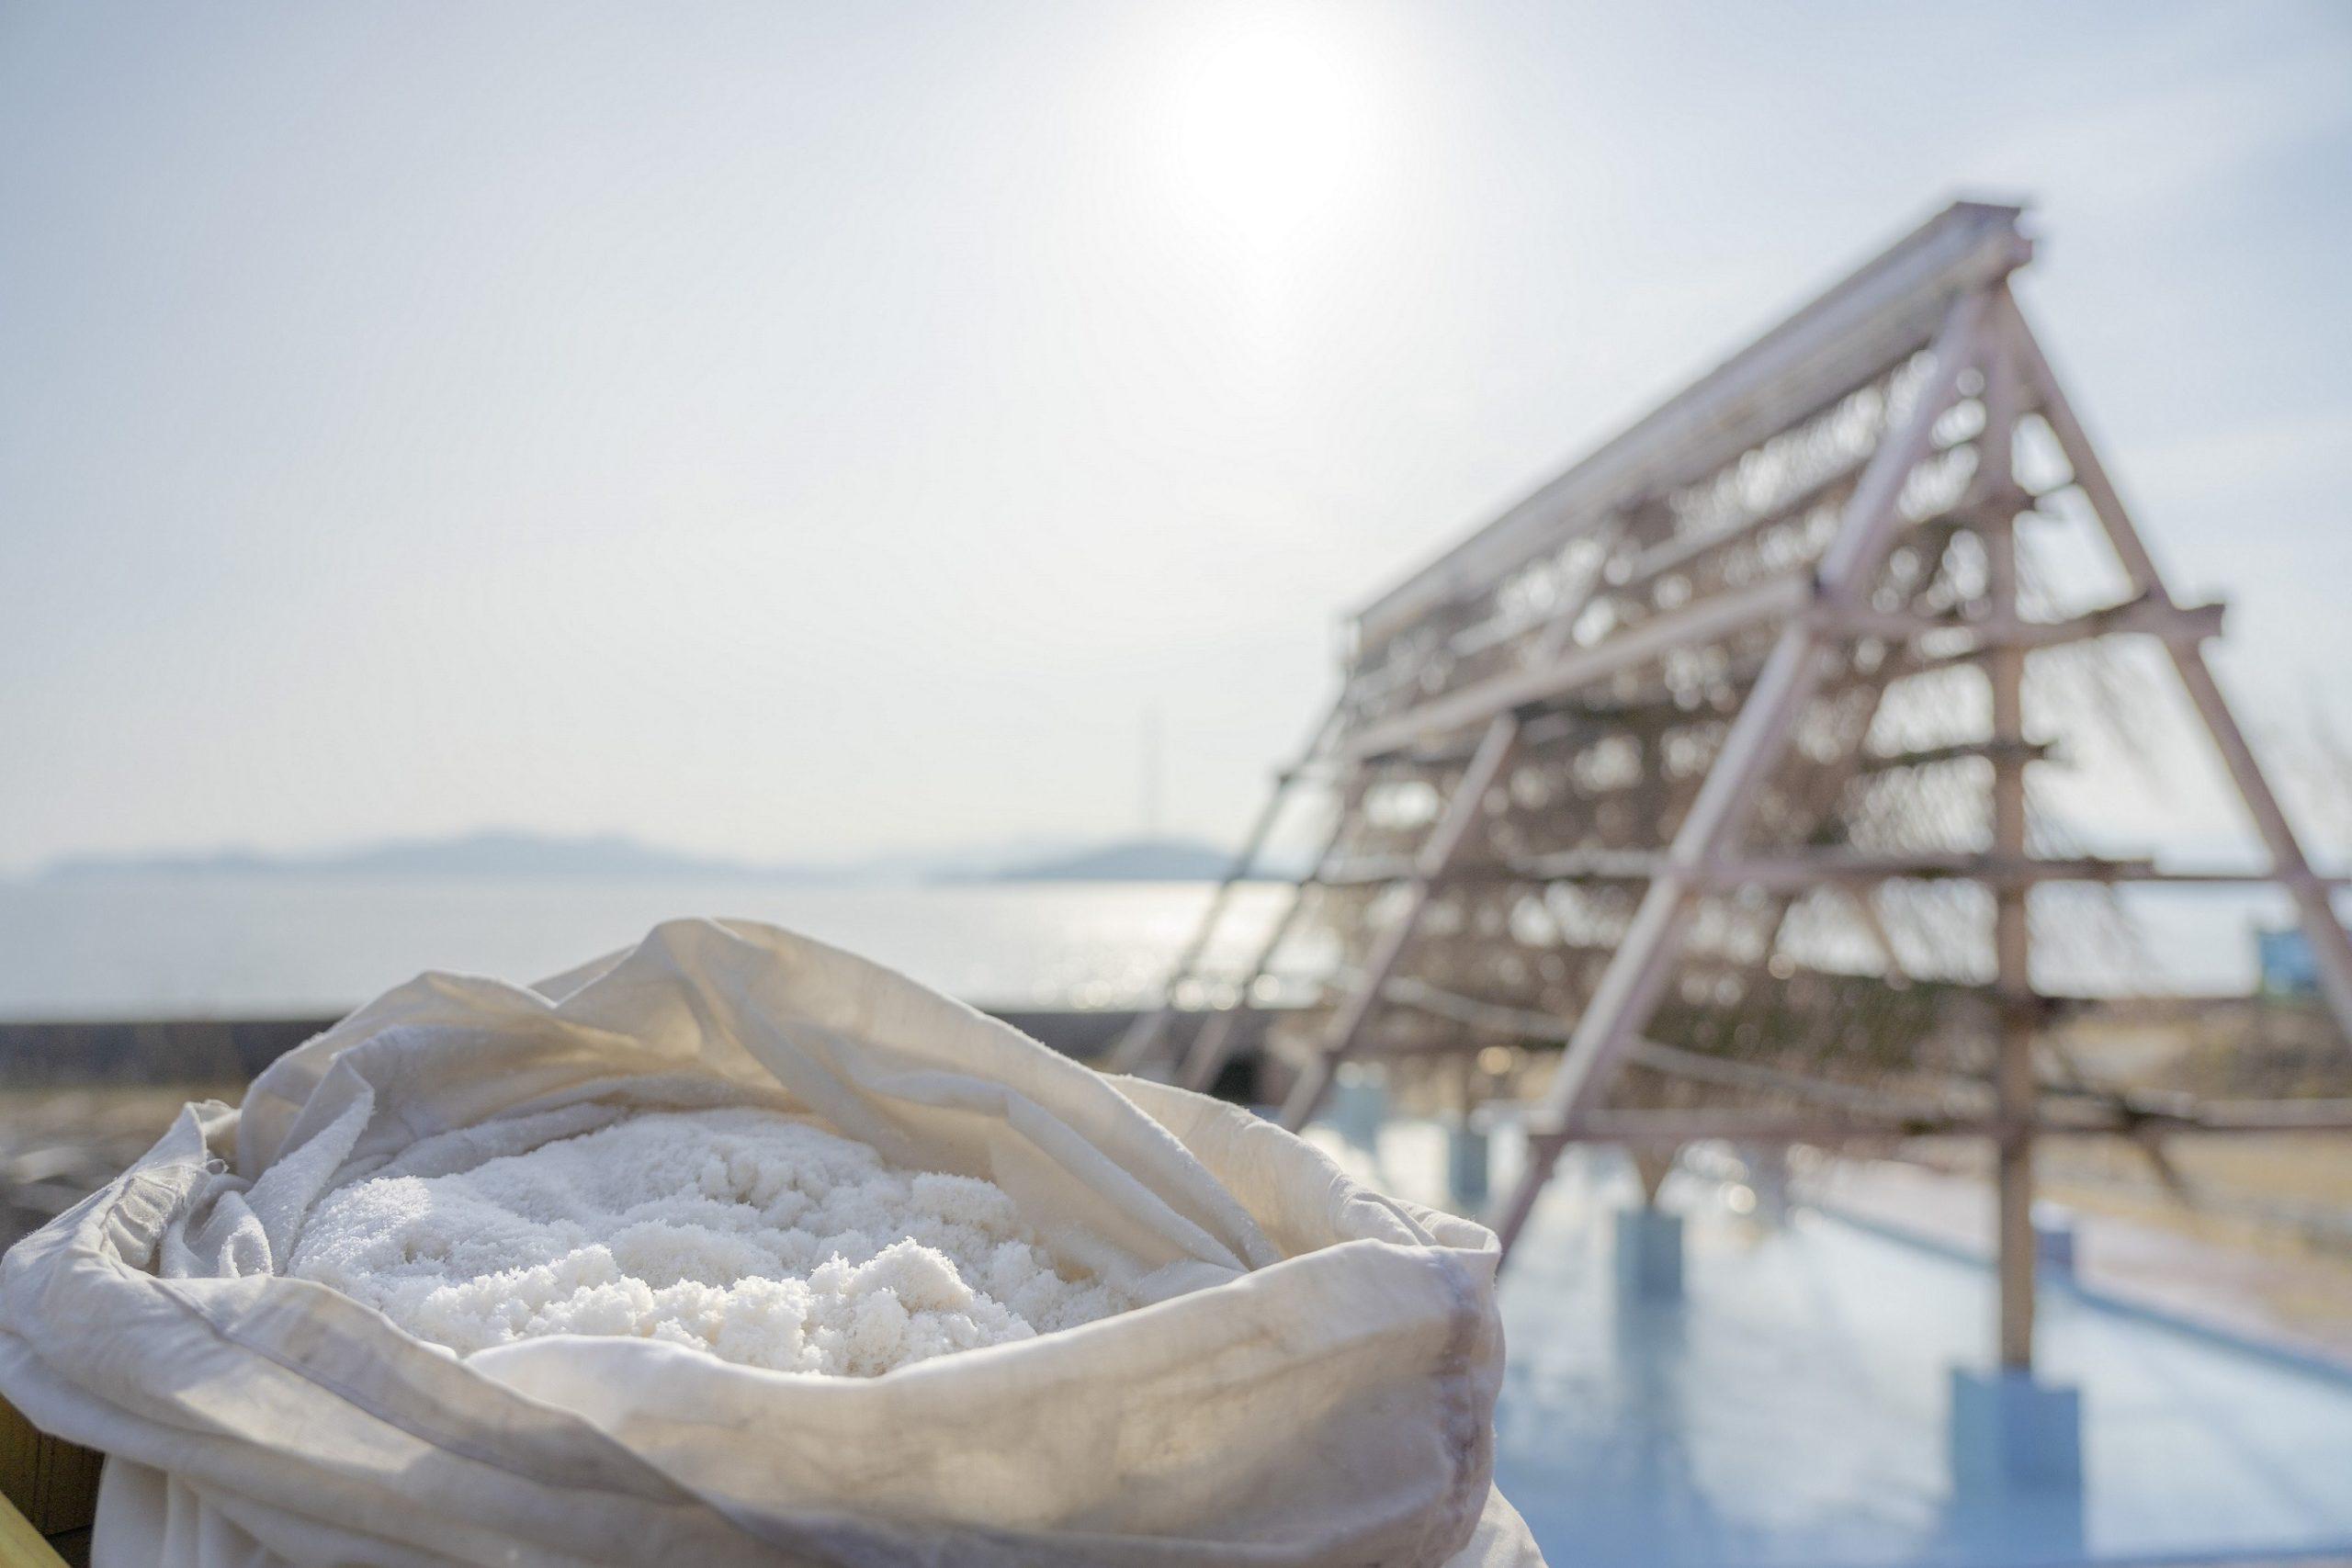 製塩で栄えた竹原で塩づくり体験